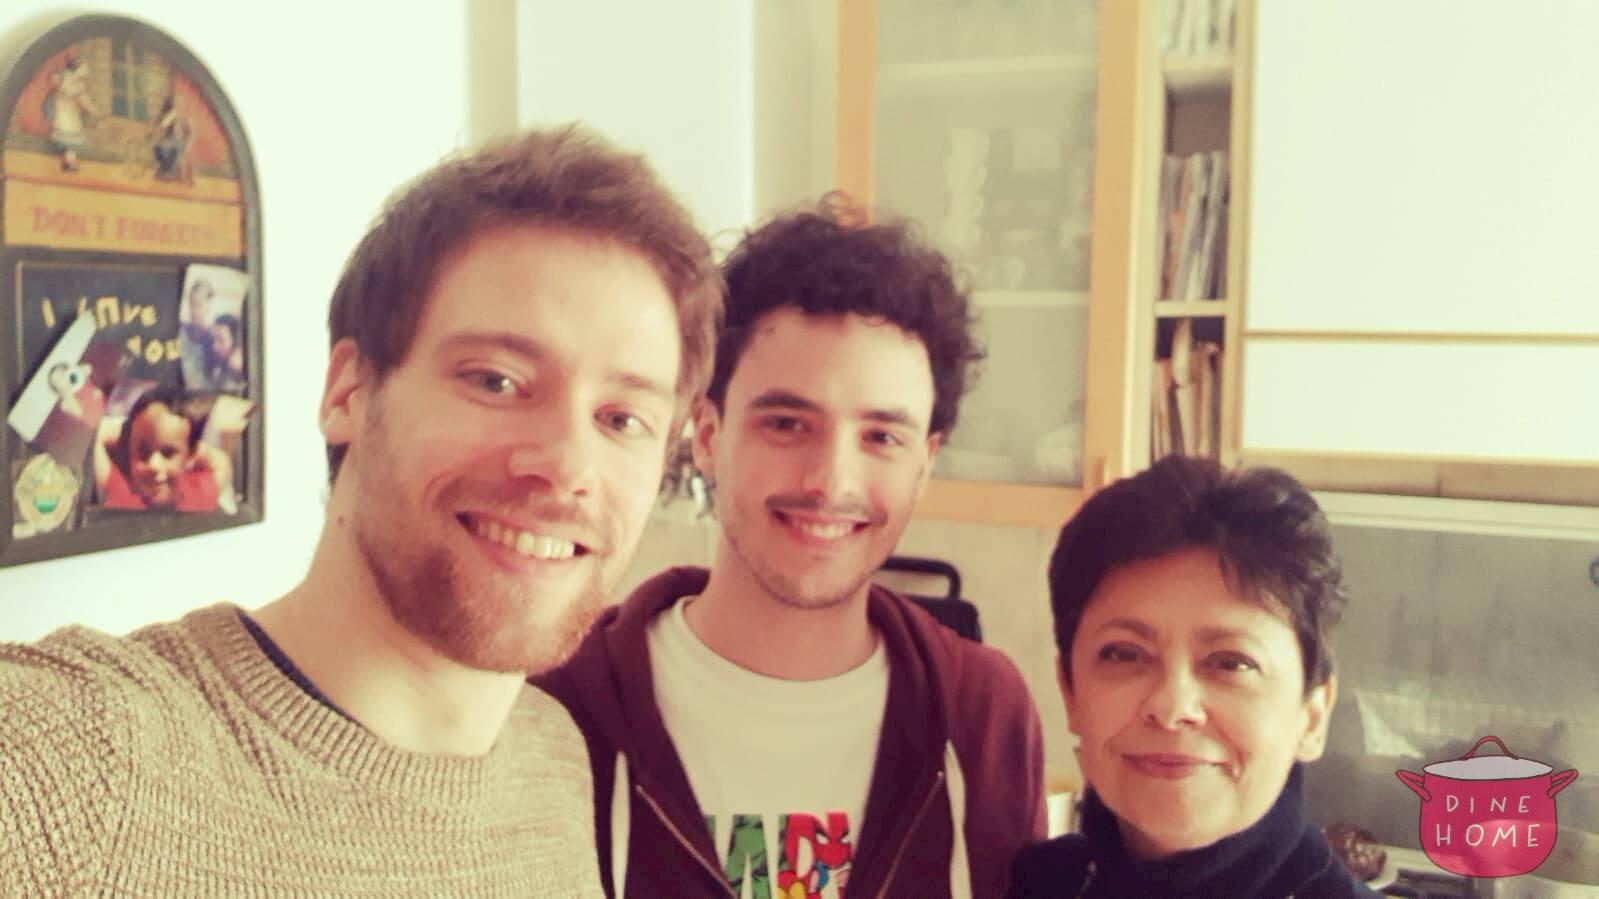 Fabian, studente dalla Germania, a cena dalla sua famiglia Dinehome.